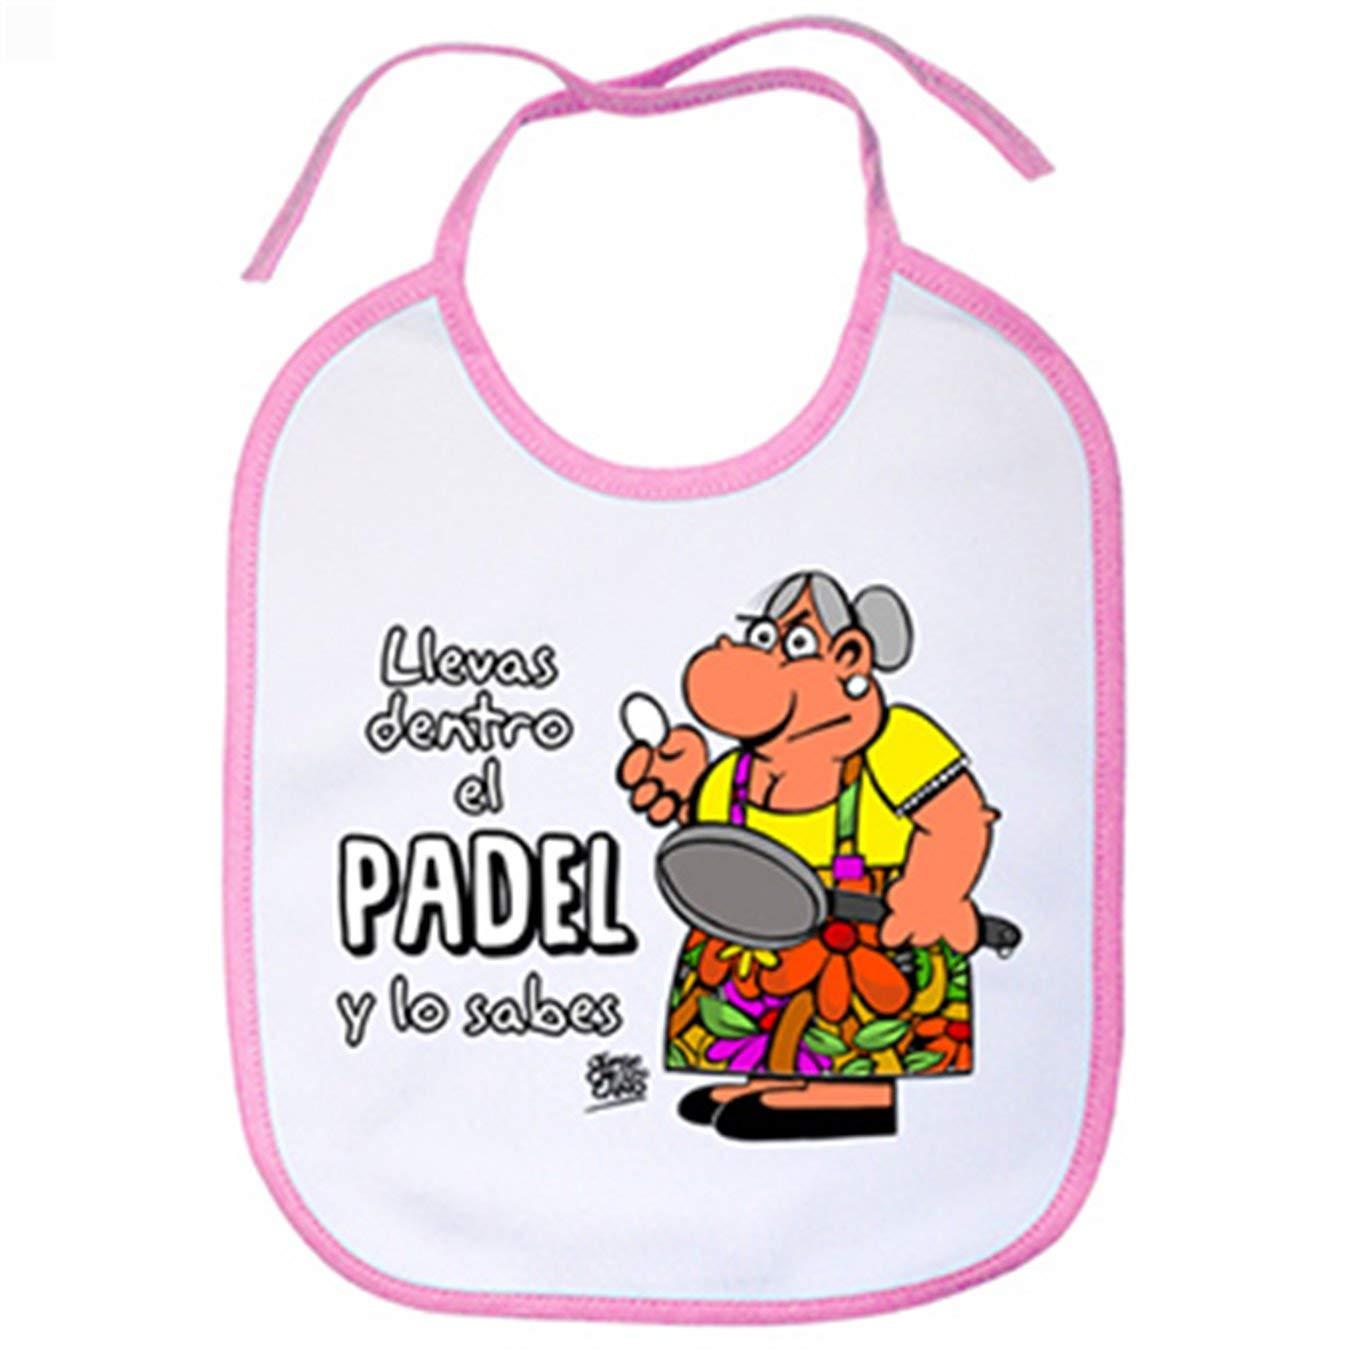 Babero Padel tenis Llevas dentro el padel y lo sabes - Celeste ...